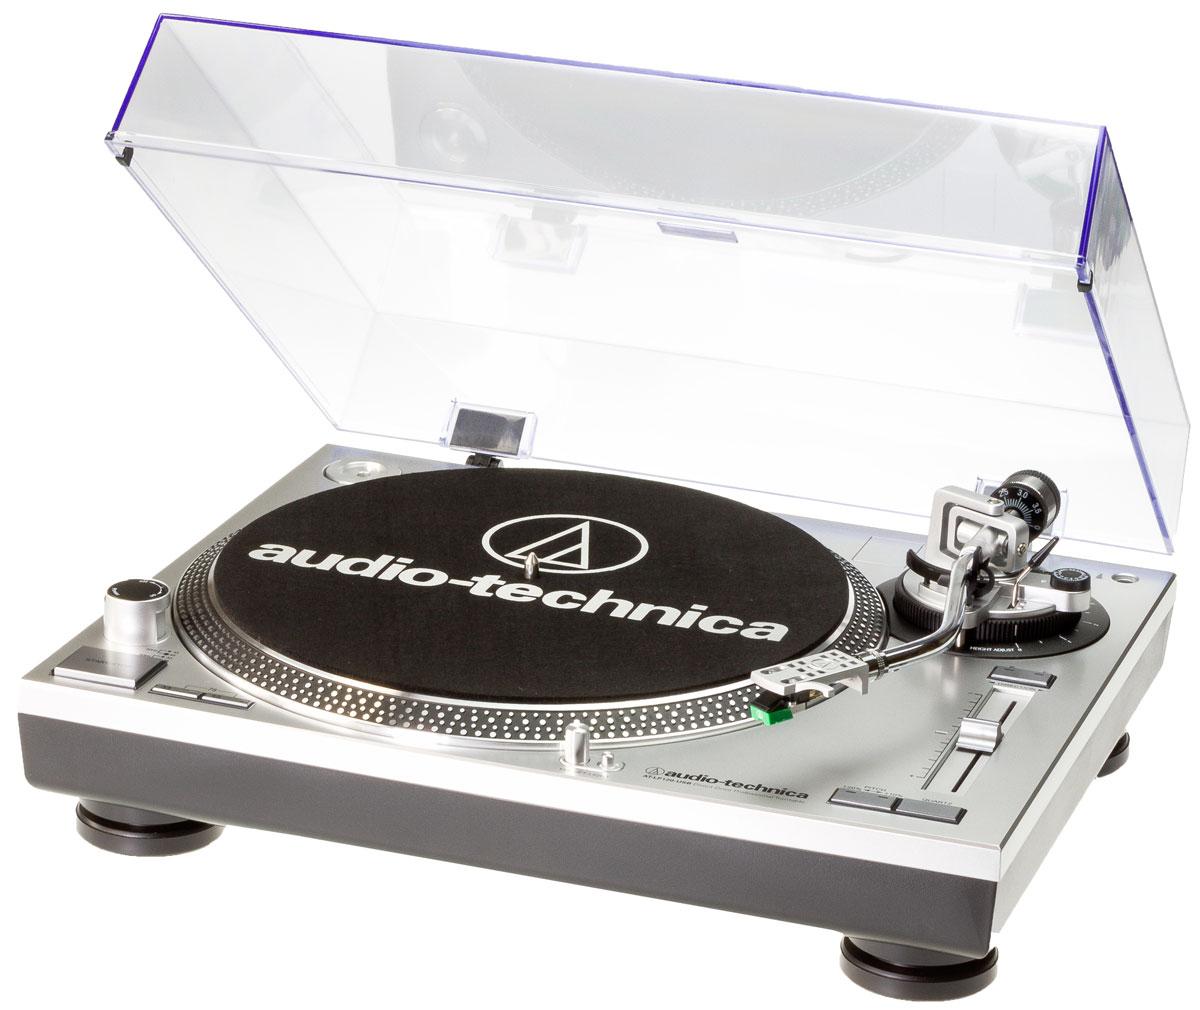 Audio-Technica AT-LP120-USBHC, Silver виниловый проигрыватель проигрыватель пластинок ссср куплю